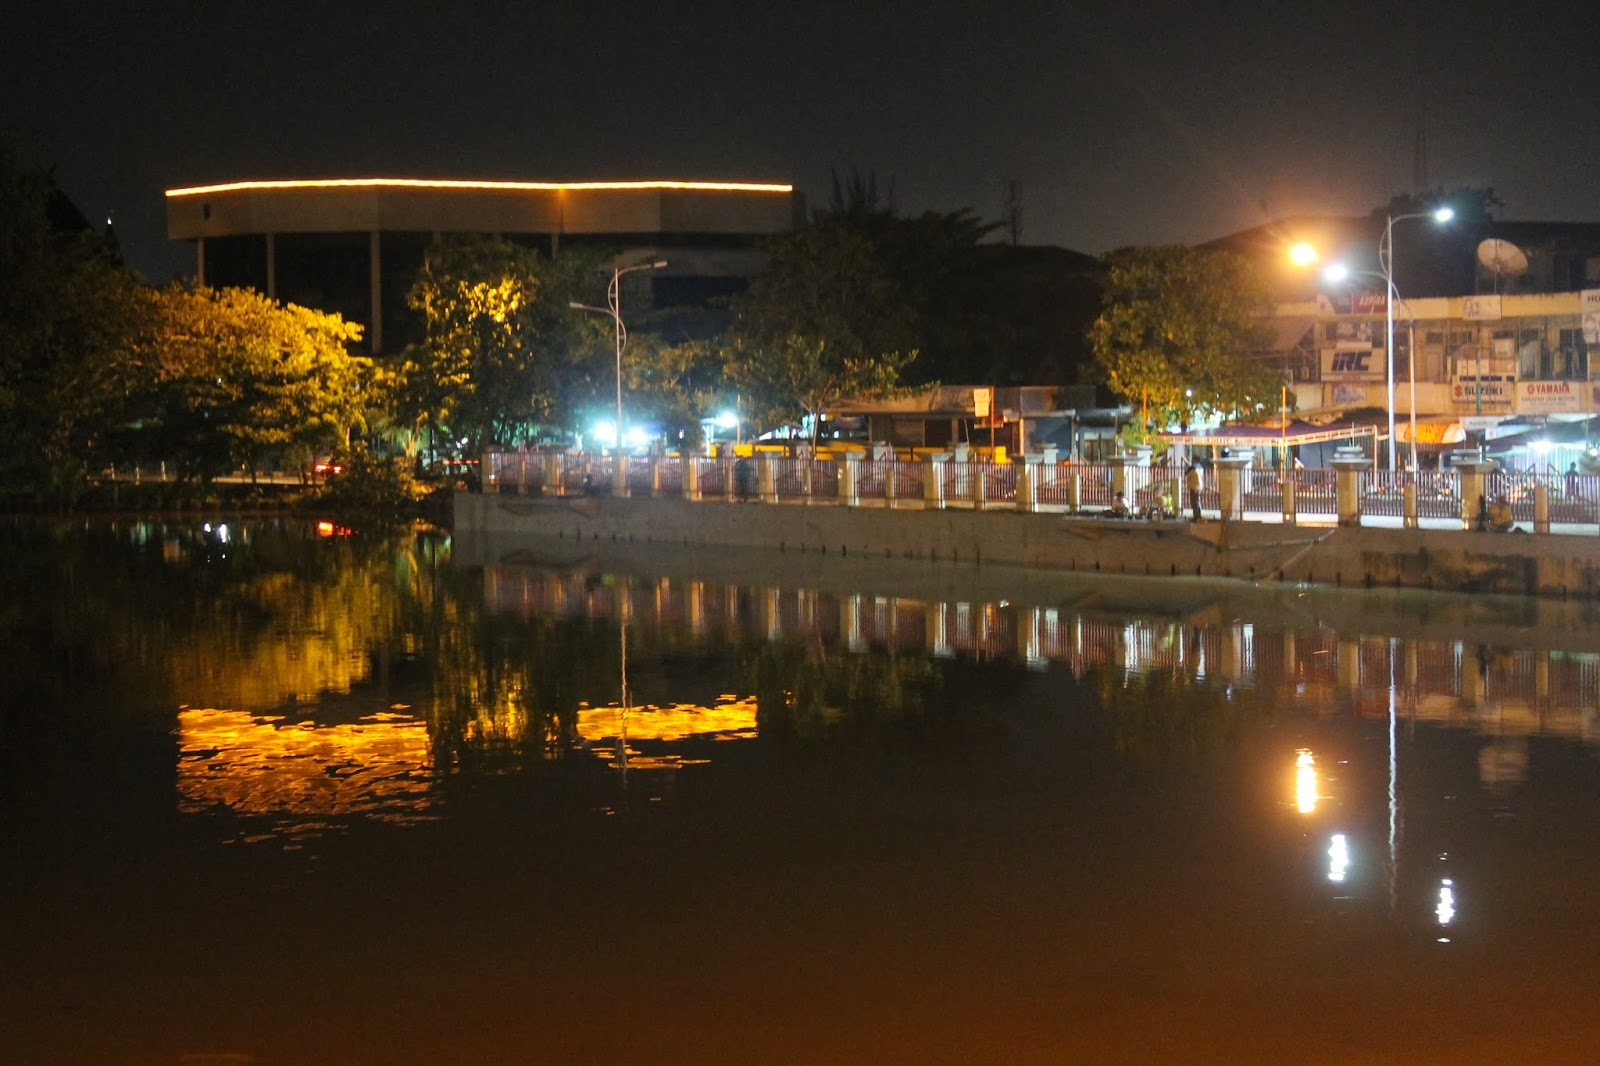 ketika pada malam hari banyak terdapat para pemancing yang menghiasi jembatan dan bantaran sungai di banjarmasin biasanya ini